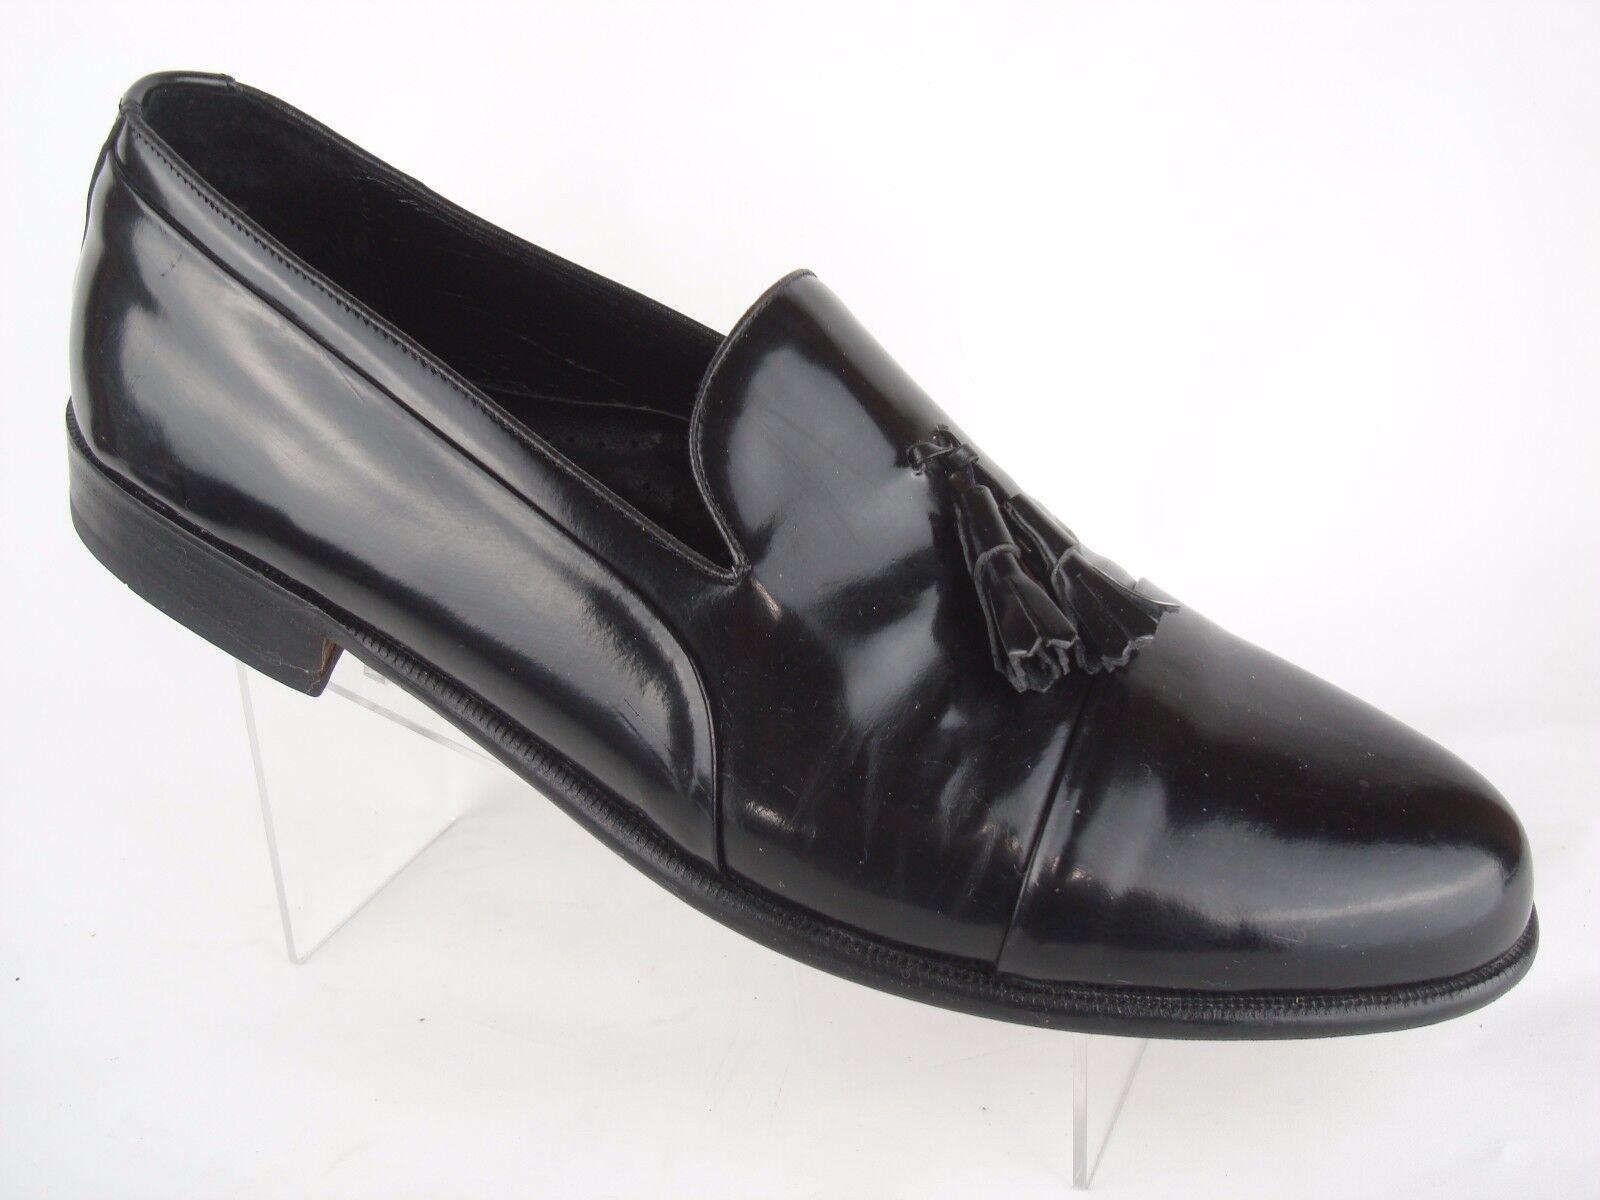 Florsheim Black Patent Leather Cap Toe Tassel Loafers Mens Shoes Sz 11.5 D Spain